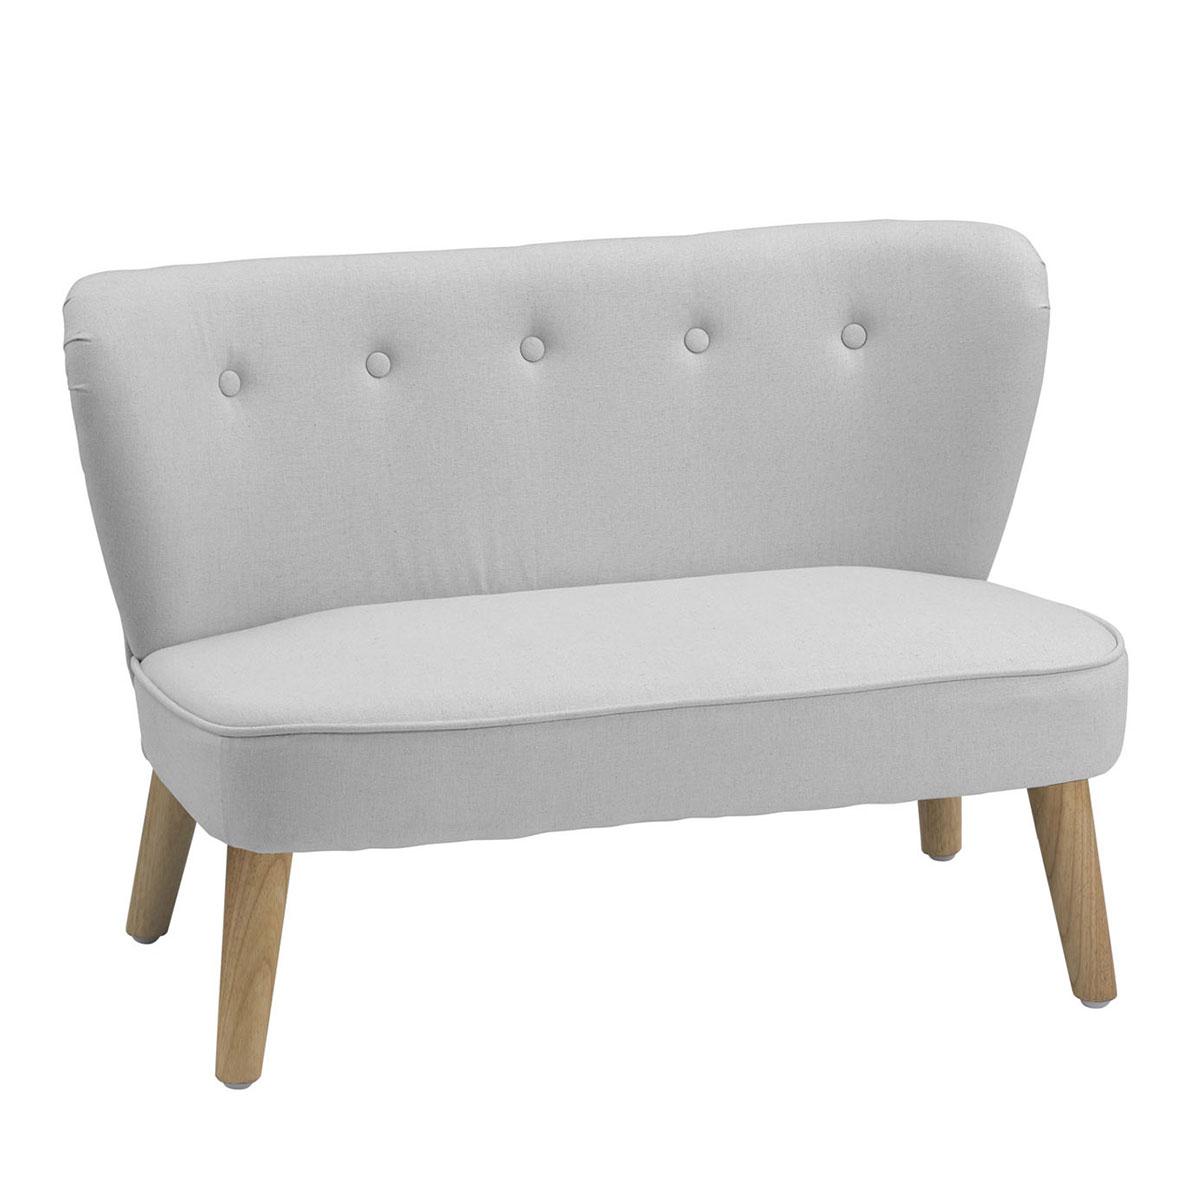 Billede af Kids Concept sofa til børn - Grå